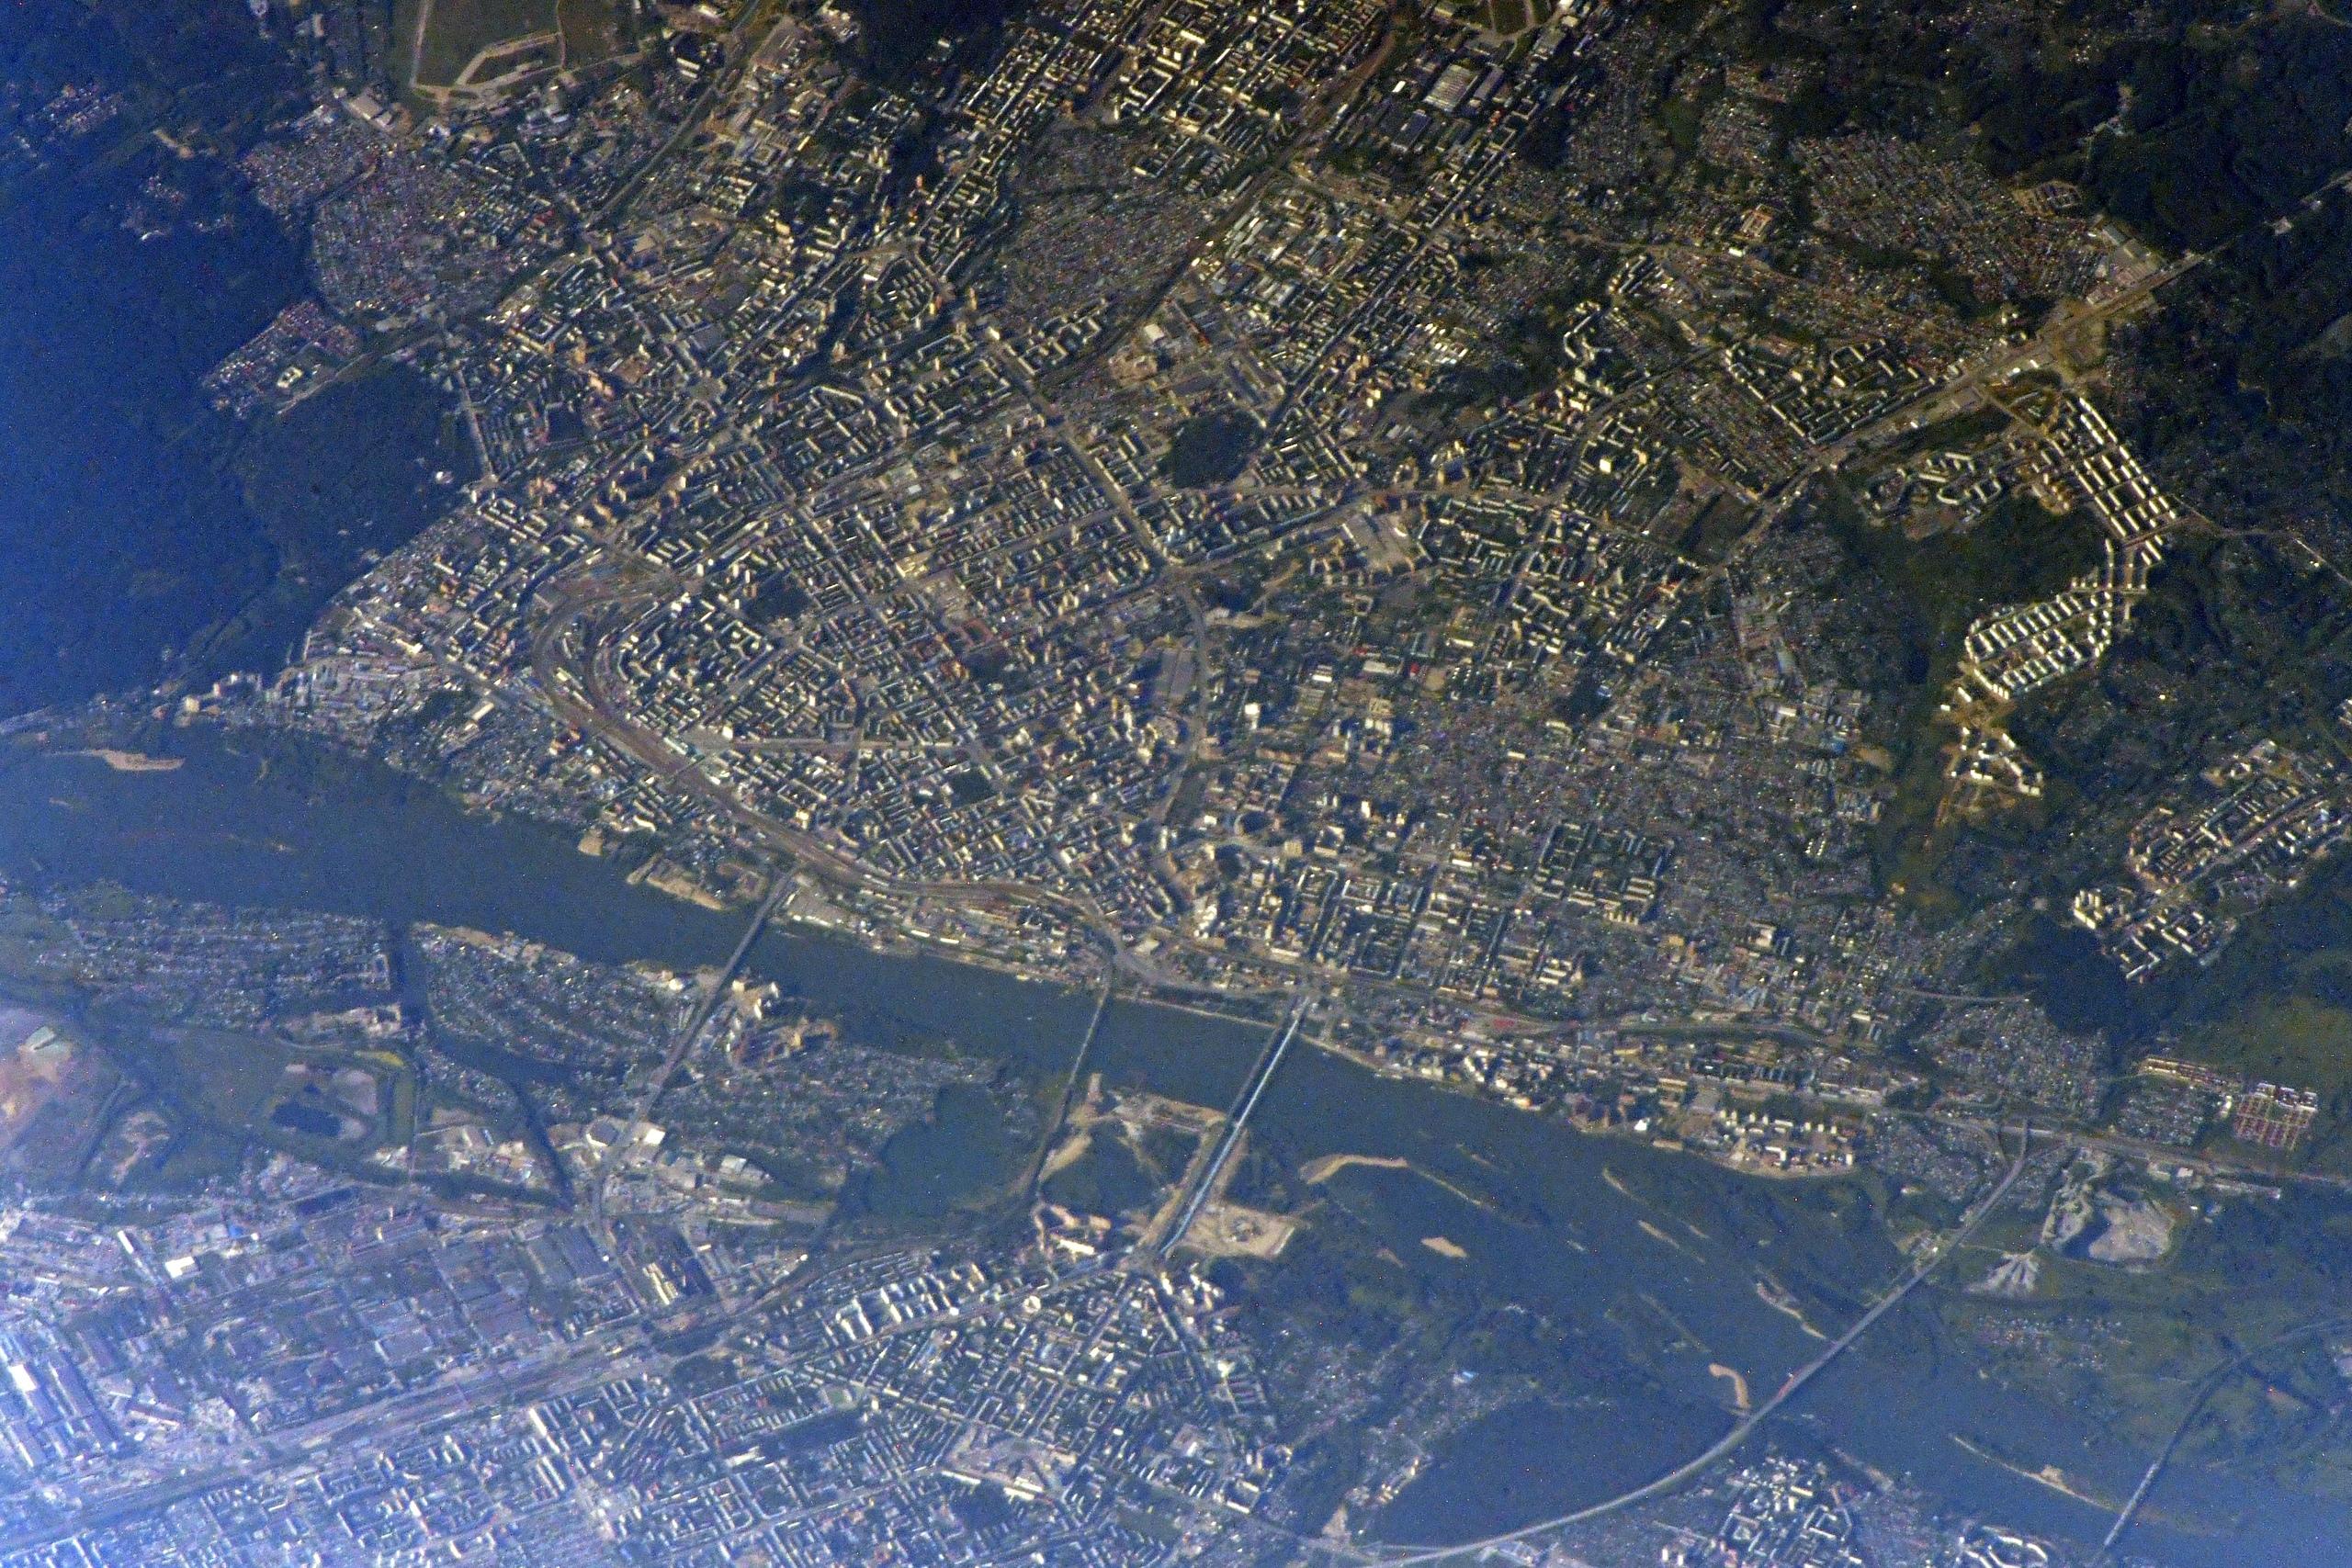 расположен картинки которые видны из космоса сообщают